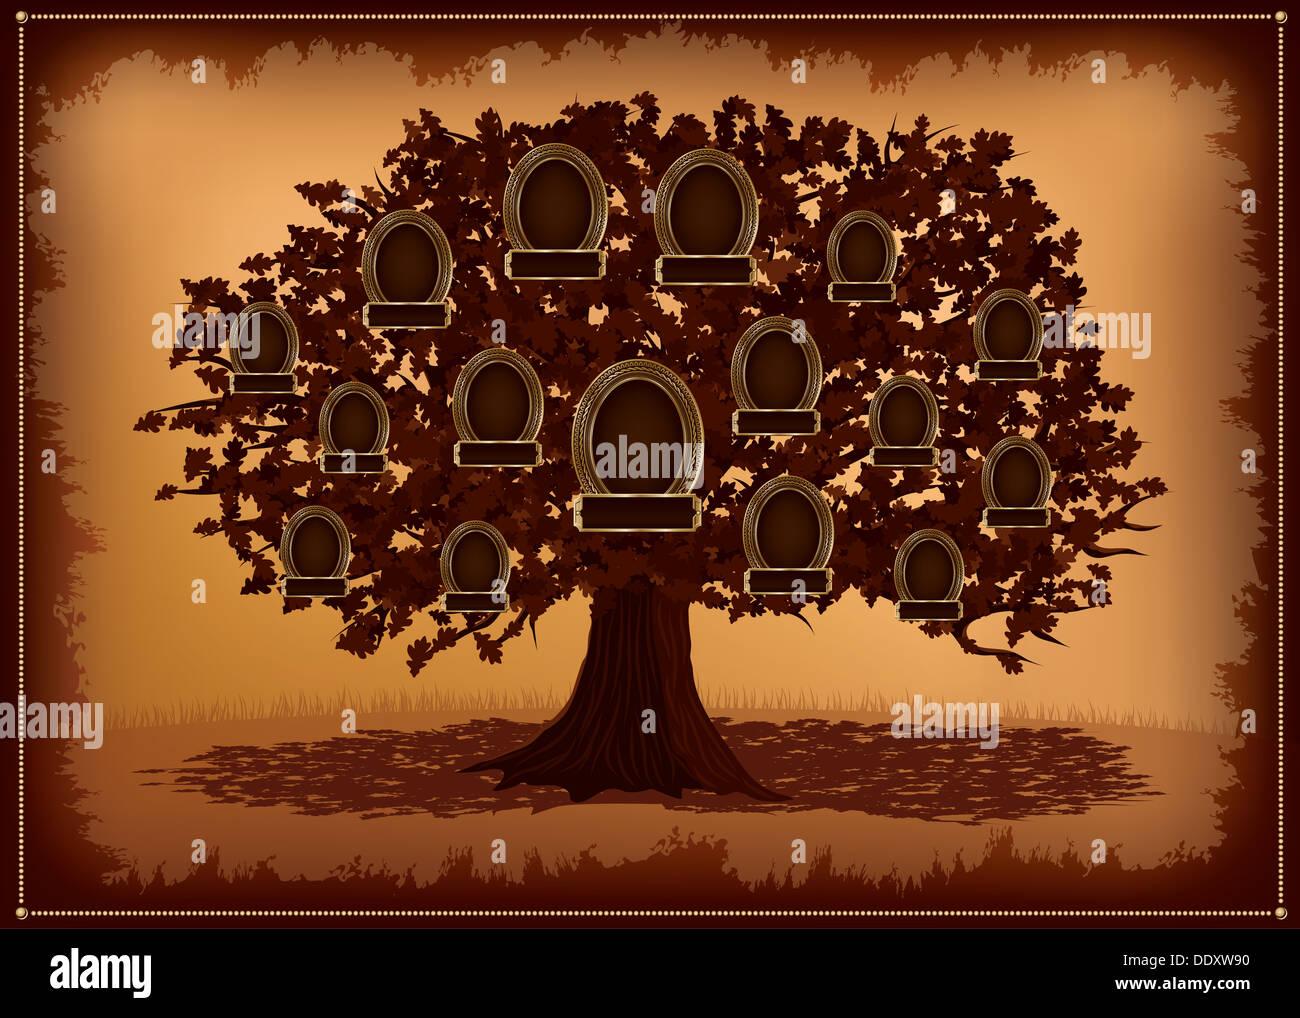 Vector albero genealogico con cornici e foglie. Posto per il testo. Immagini Stock